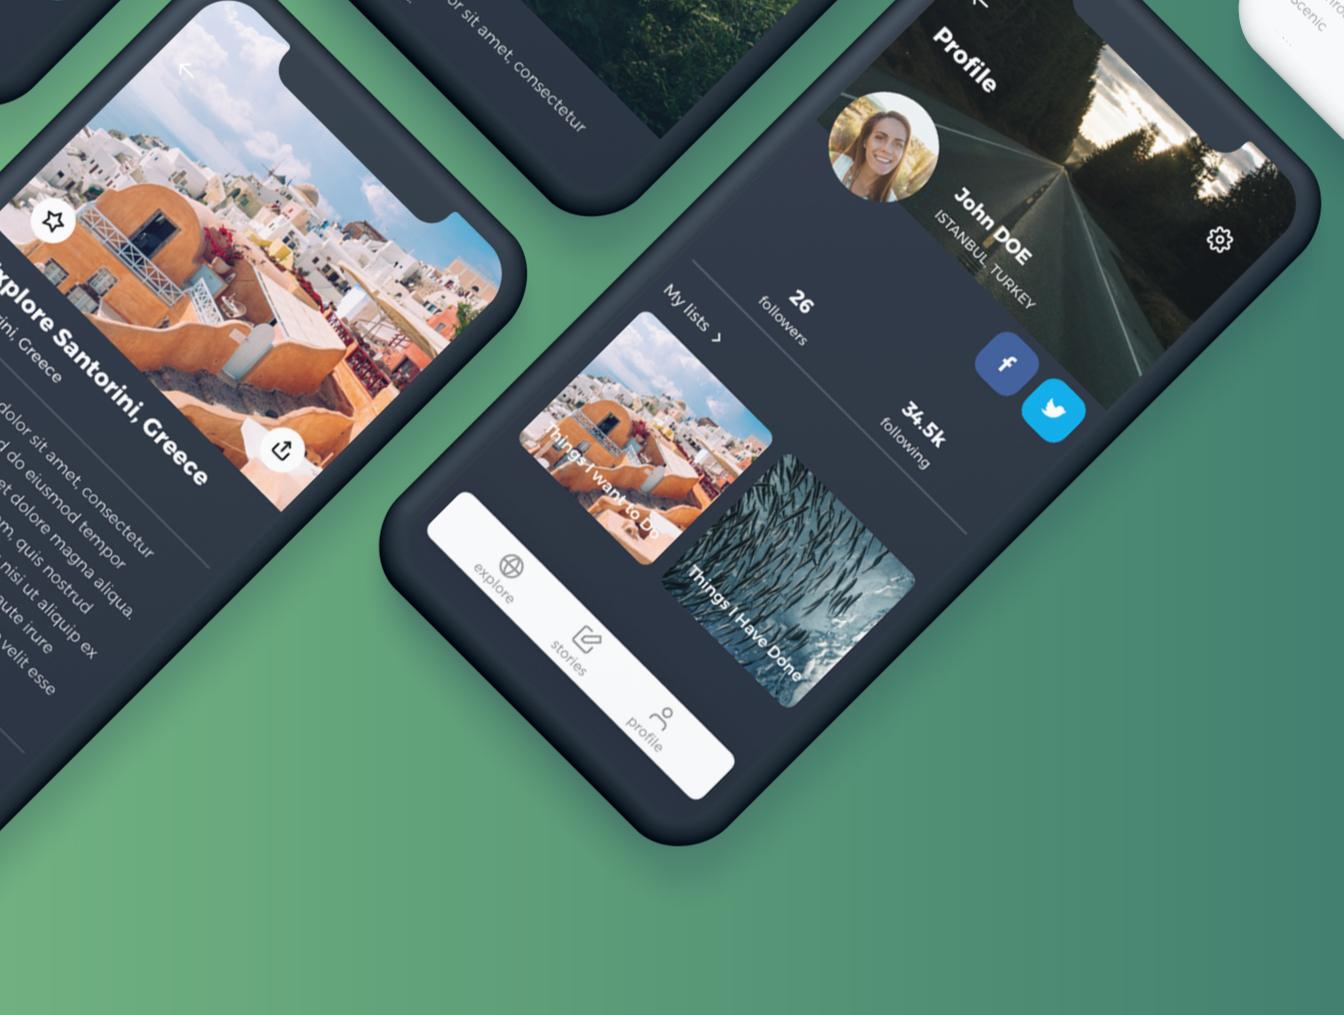 绿色时尚简约风格旅行APP UI 工具包 Voyago Travel App